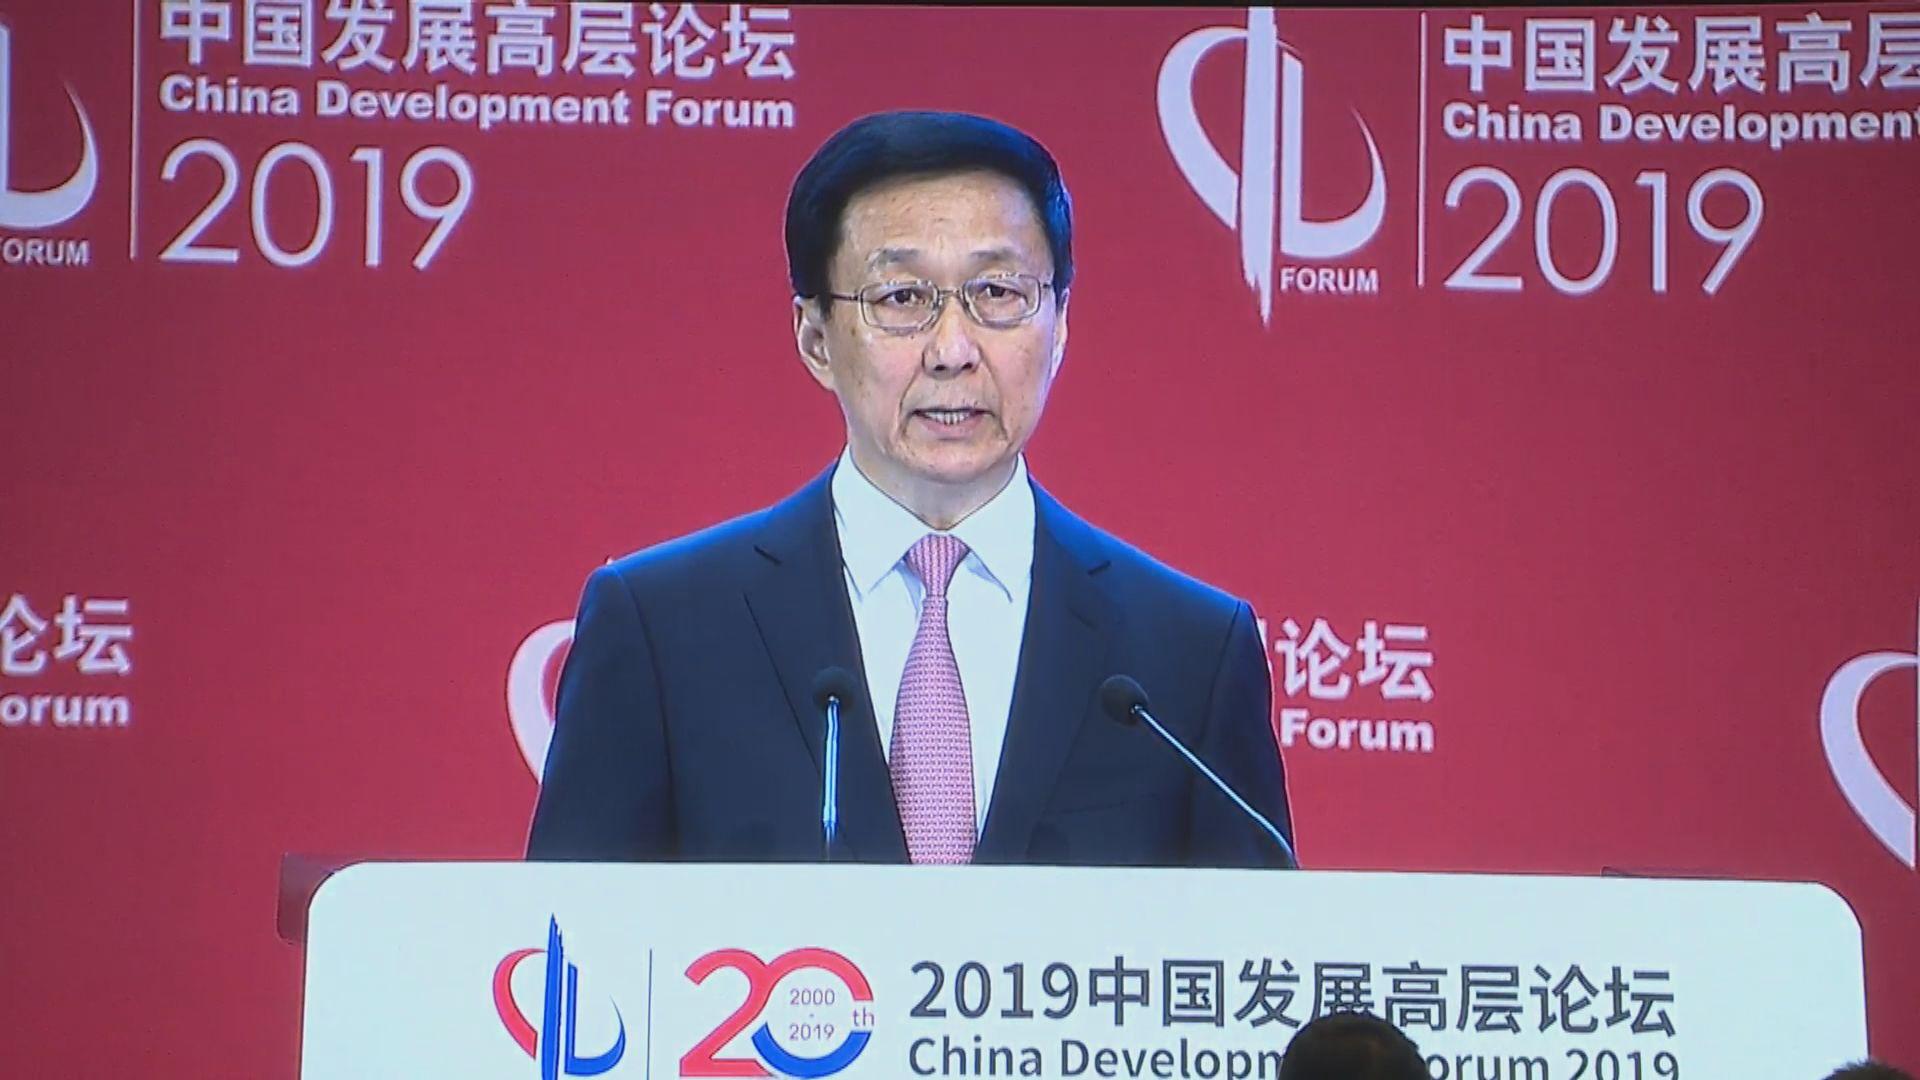 韓正:進一步開放改革 決不走回頭路